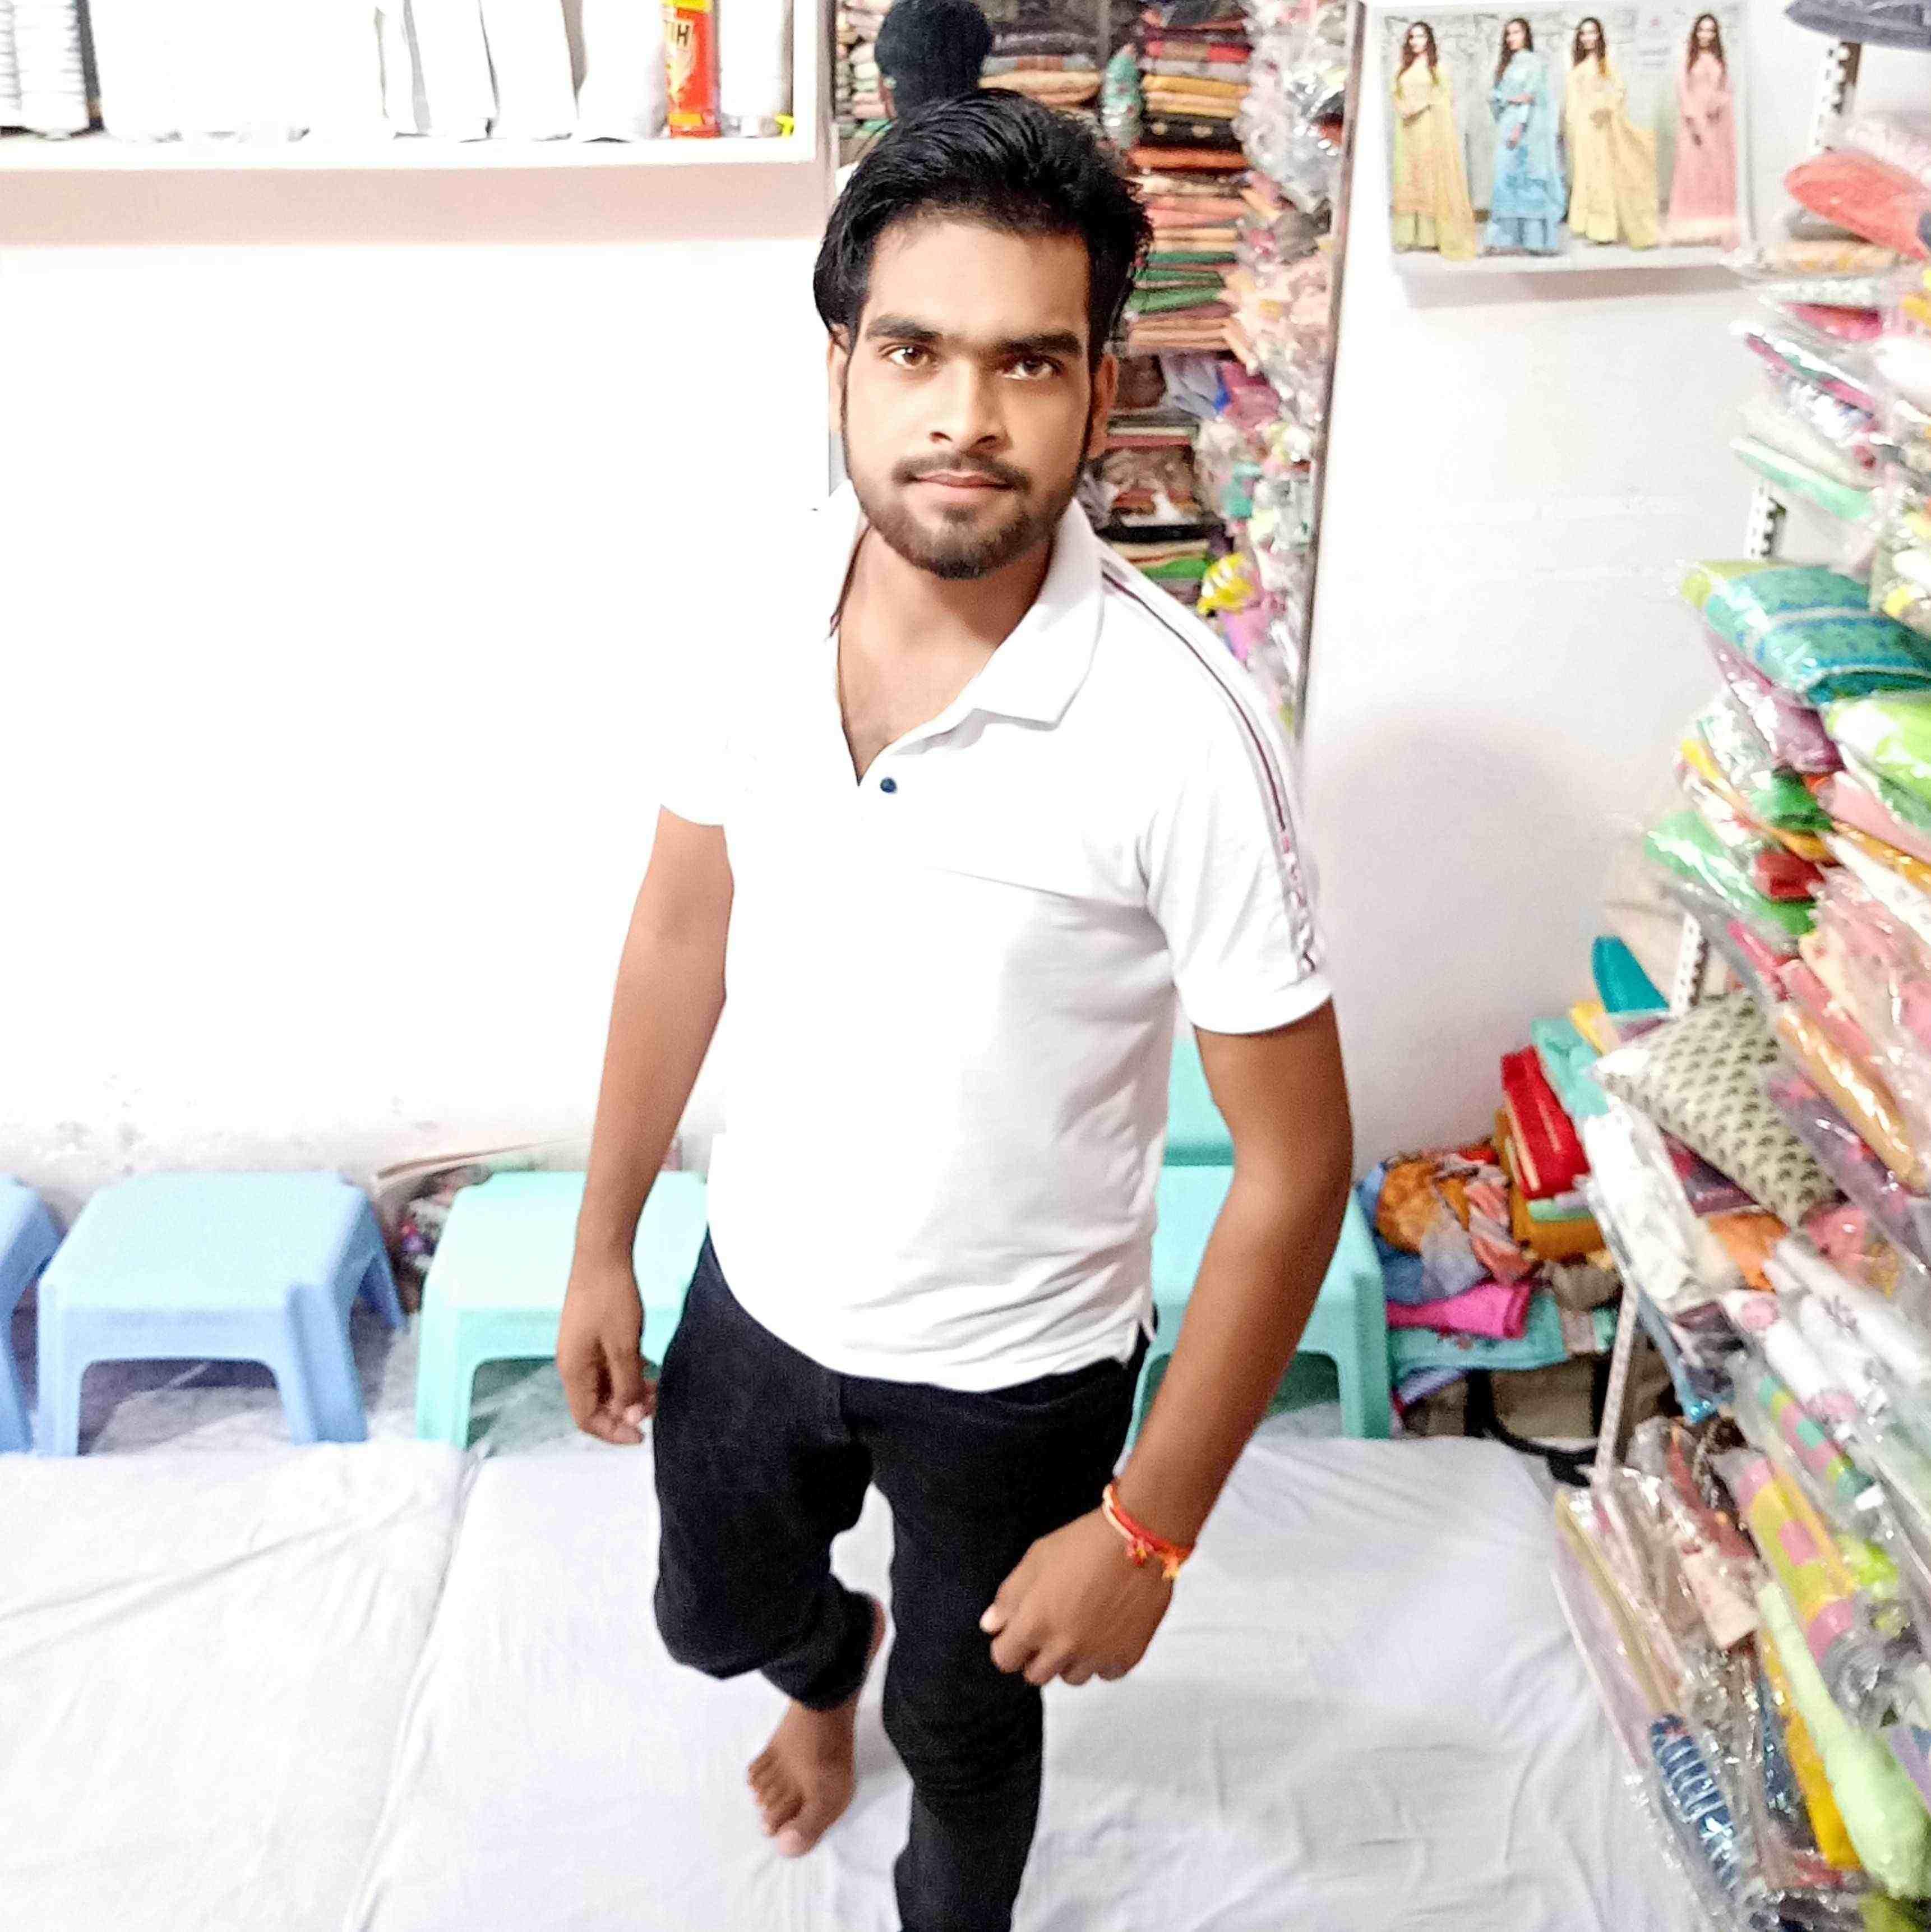 Jiddi Rajput VR